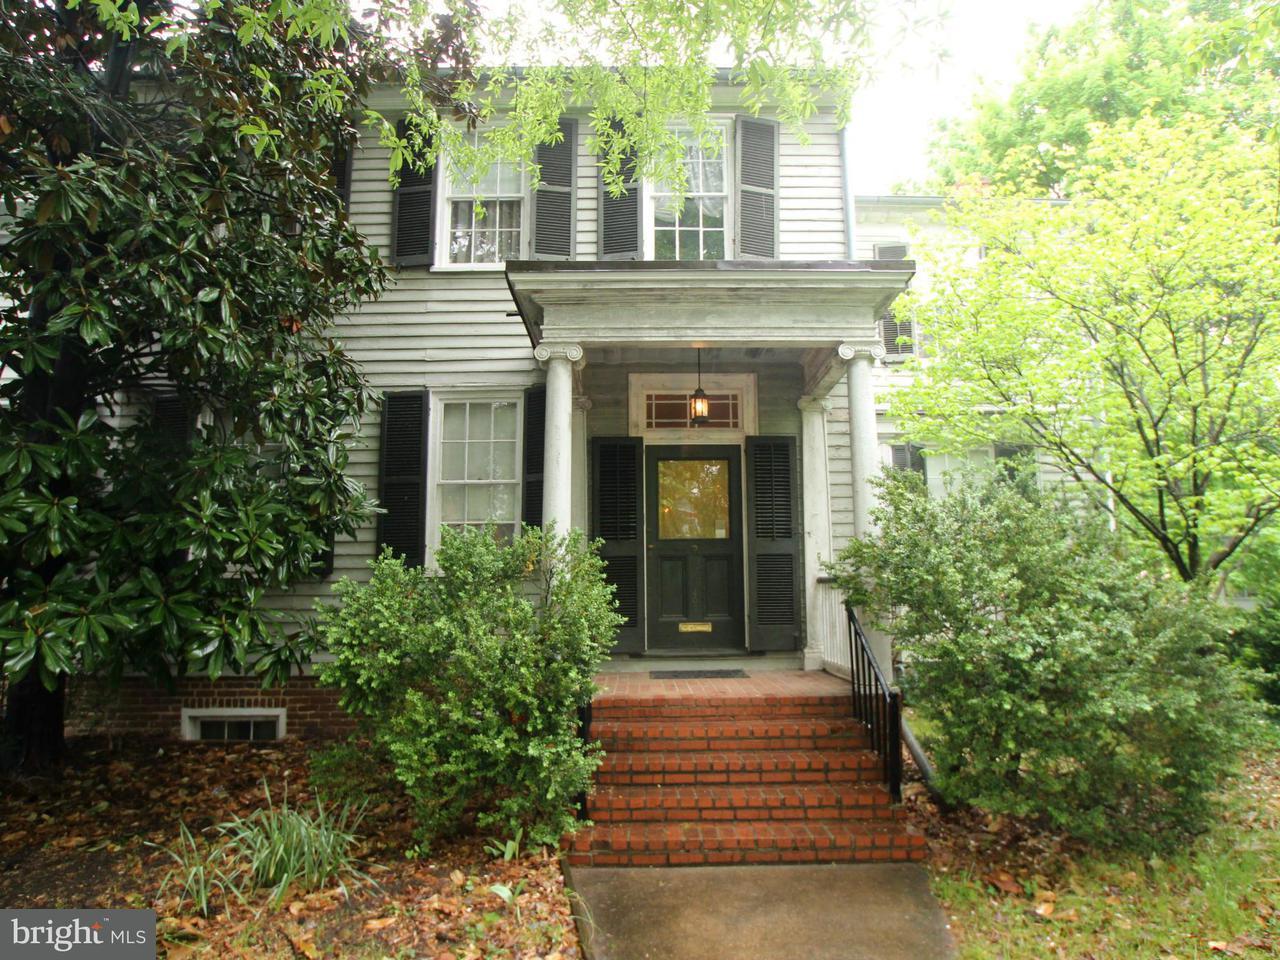 タウンハウス のために 売買 アット 407 Hanover Street 407 Hanover Street Fredericksburg, バージニア 22401 アメリカ合衆国